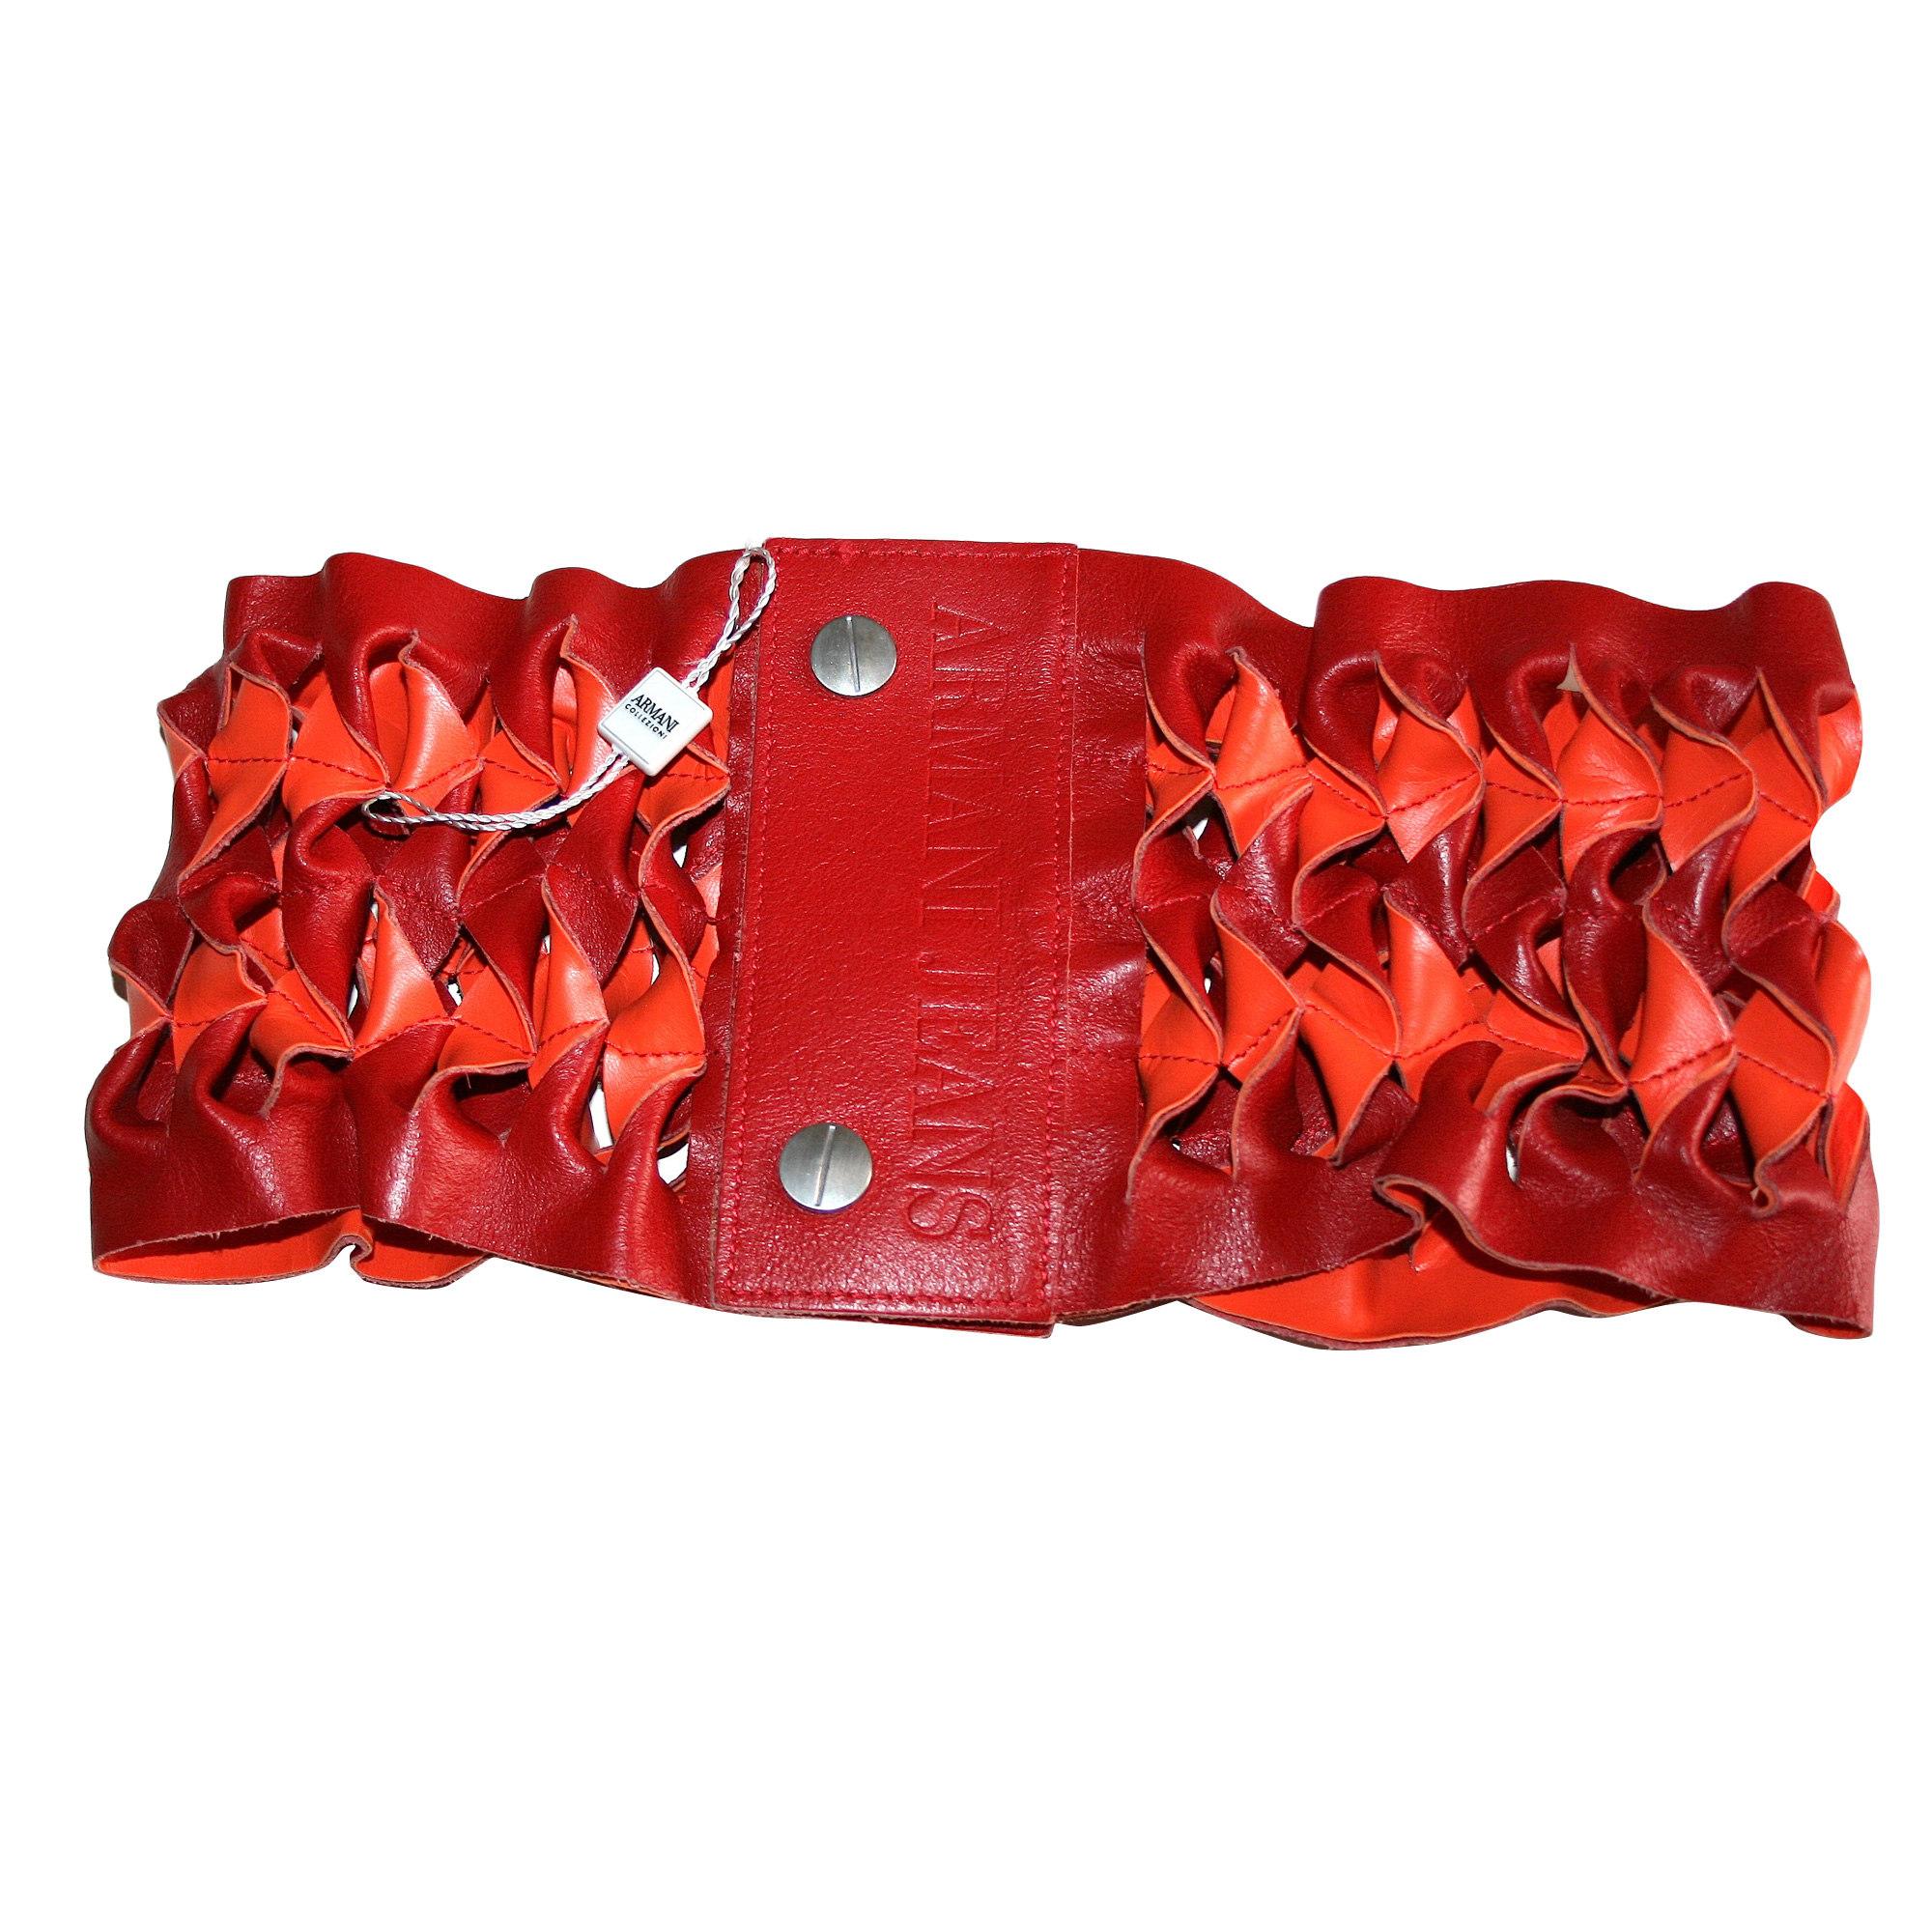 12b2f2fb8a5a Ceinture large ARMANI JEANS Autre rouge - 6877760